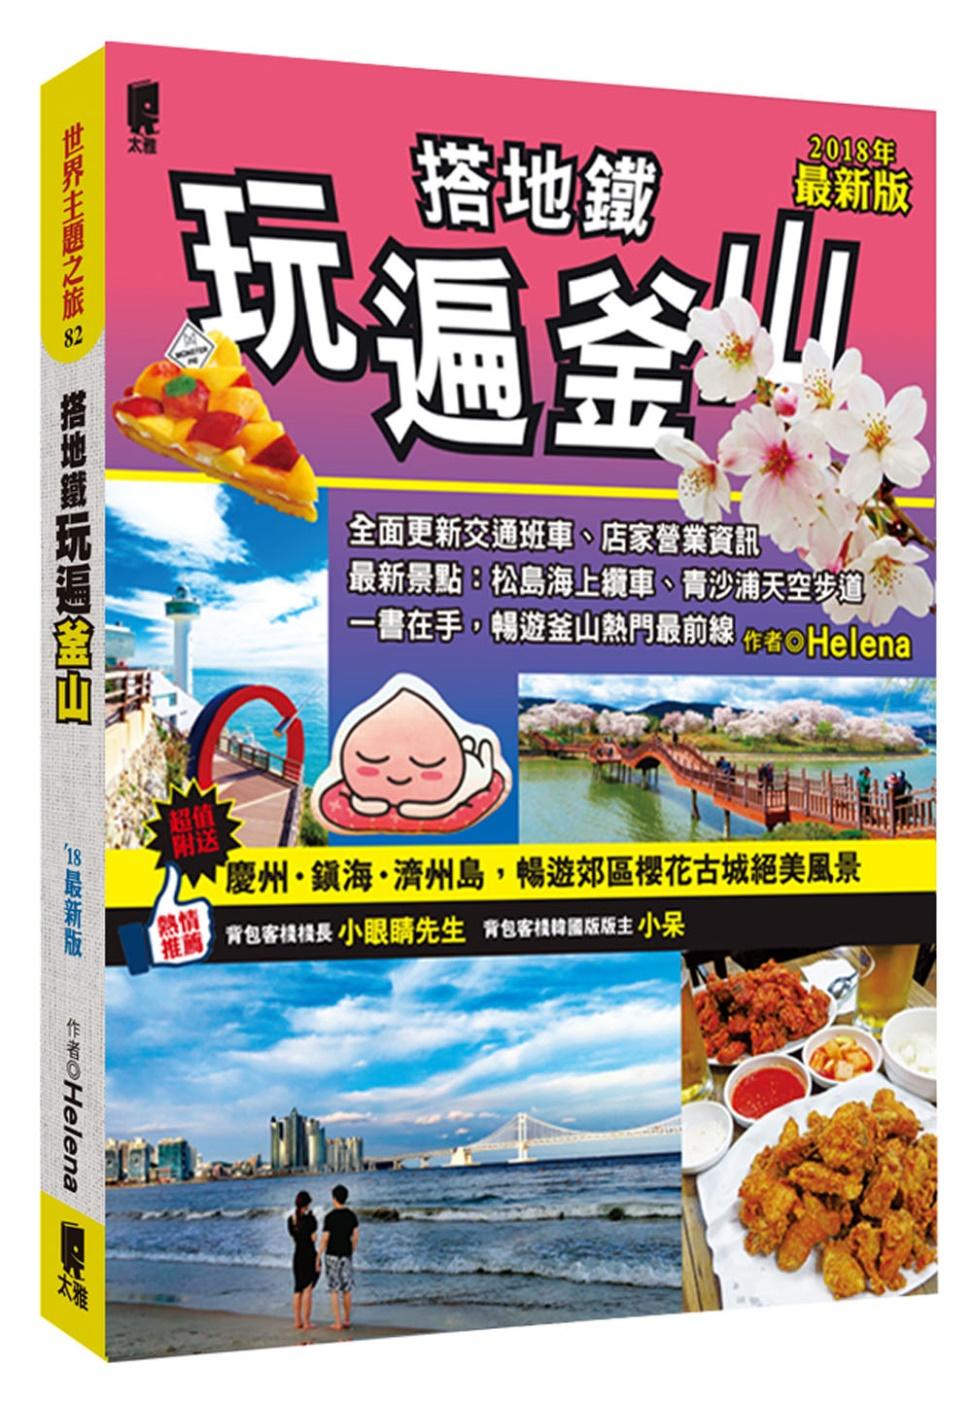 搭地鐵玩遍釜山(附慶州‧鎮海‧濟州島)(2018最新版)